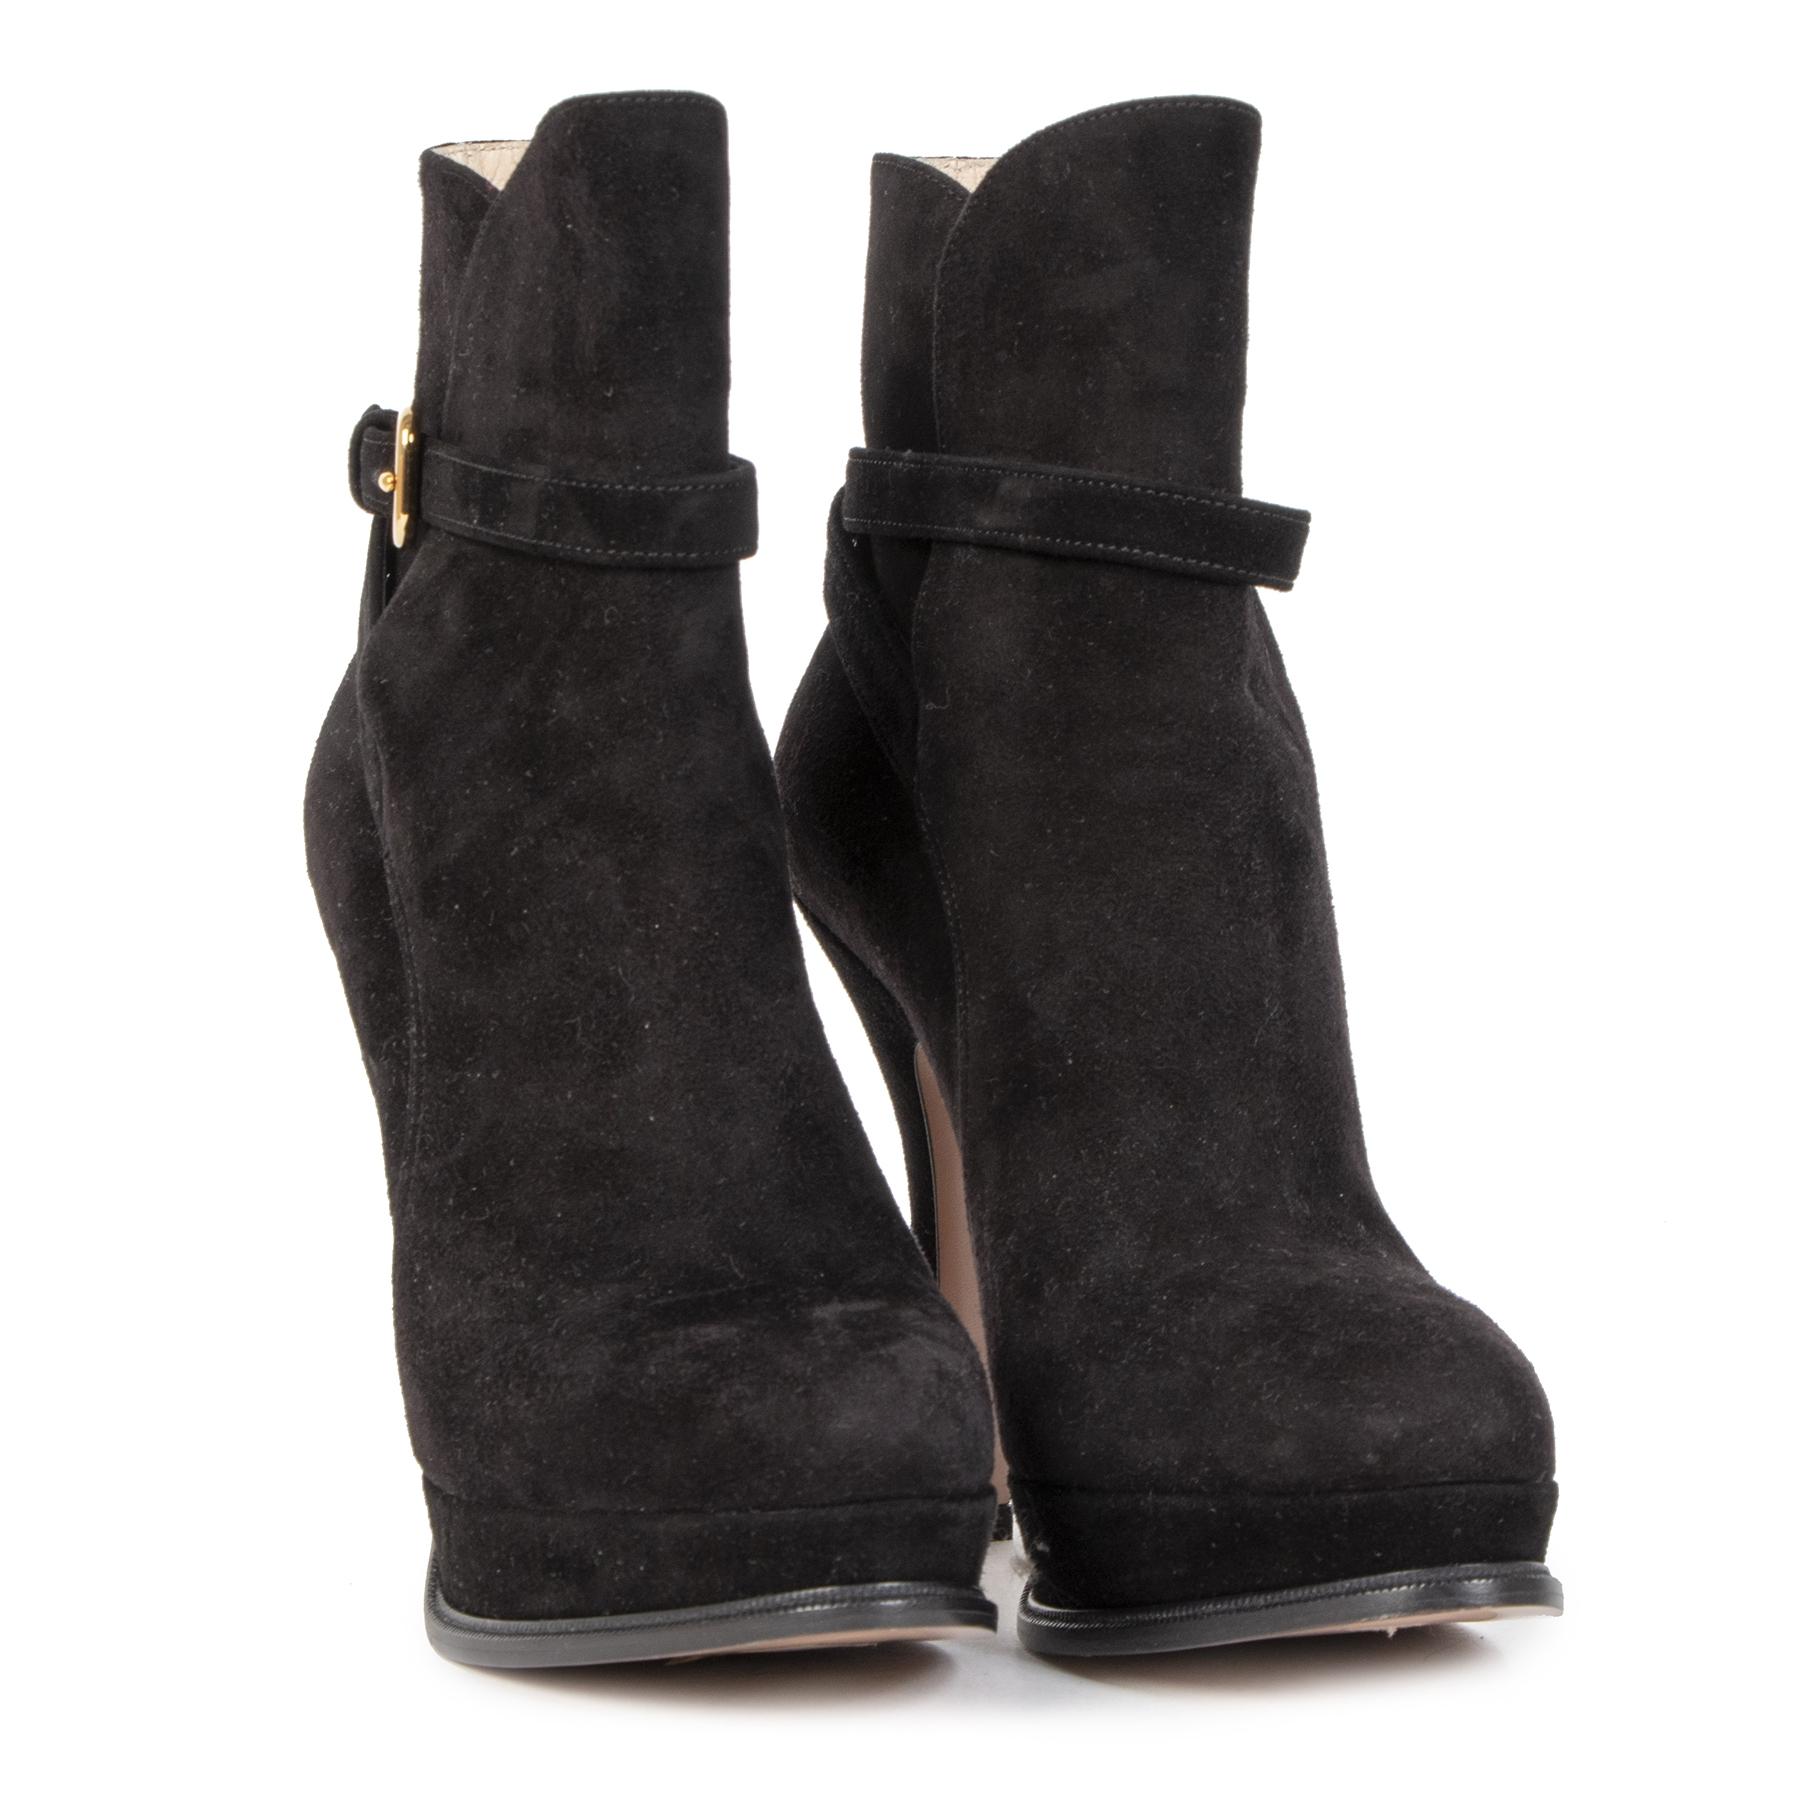 Authentieke Tweedehands Prada Black Suede Platform Ankle Boots - Size 36 juiste prijs veilig online shoppen luxe merken webshop winkelen Antwerpen België mode fashion